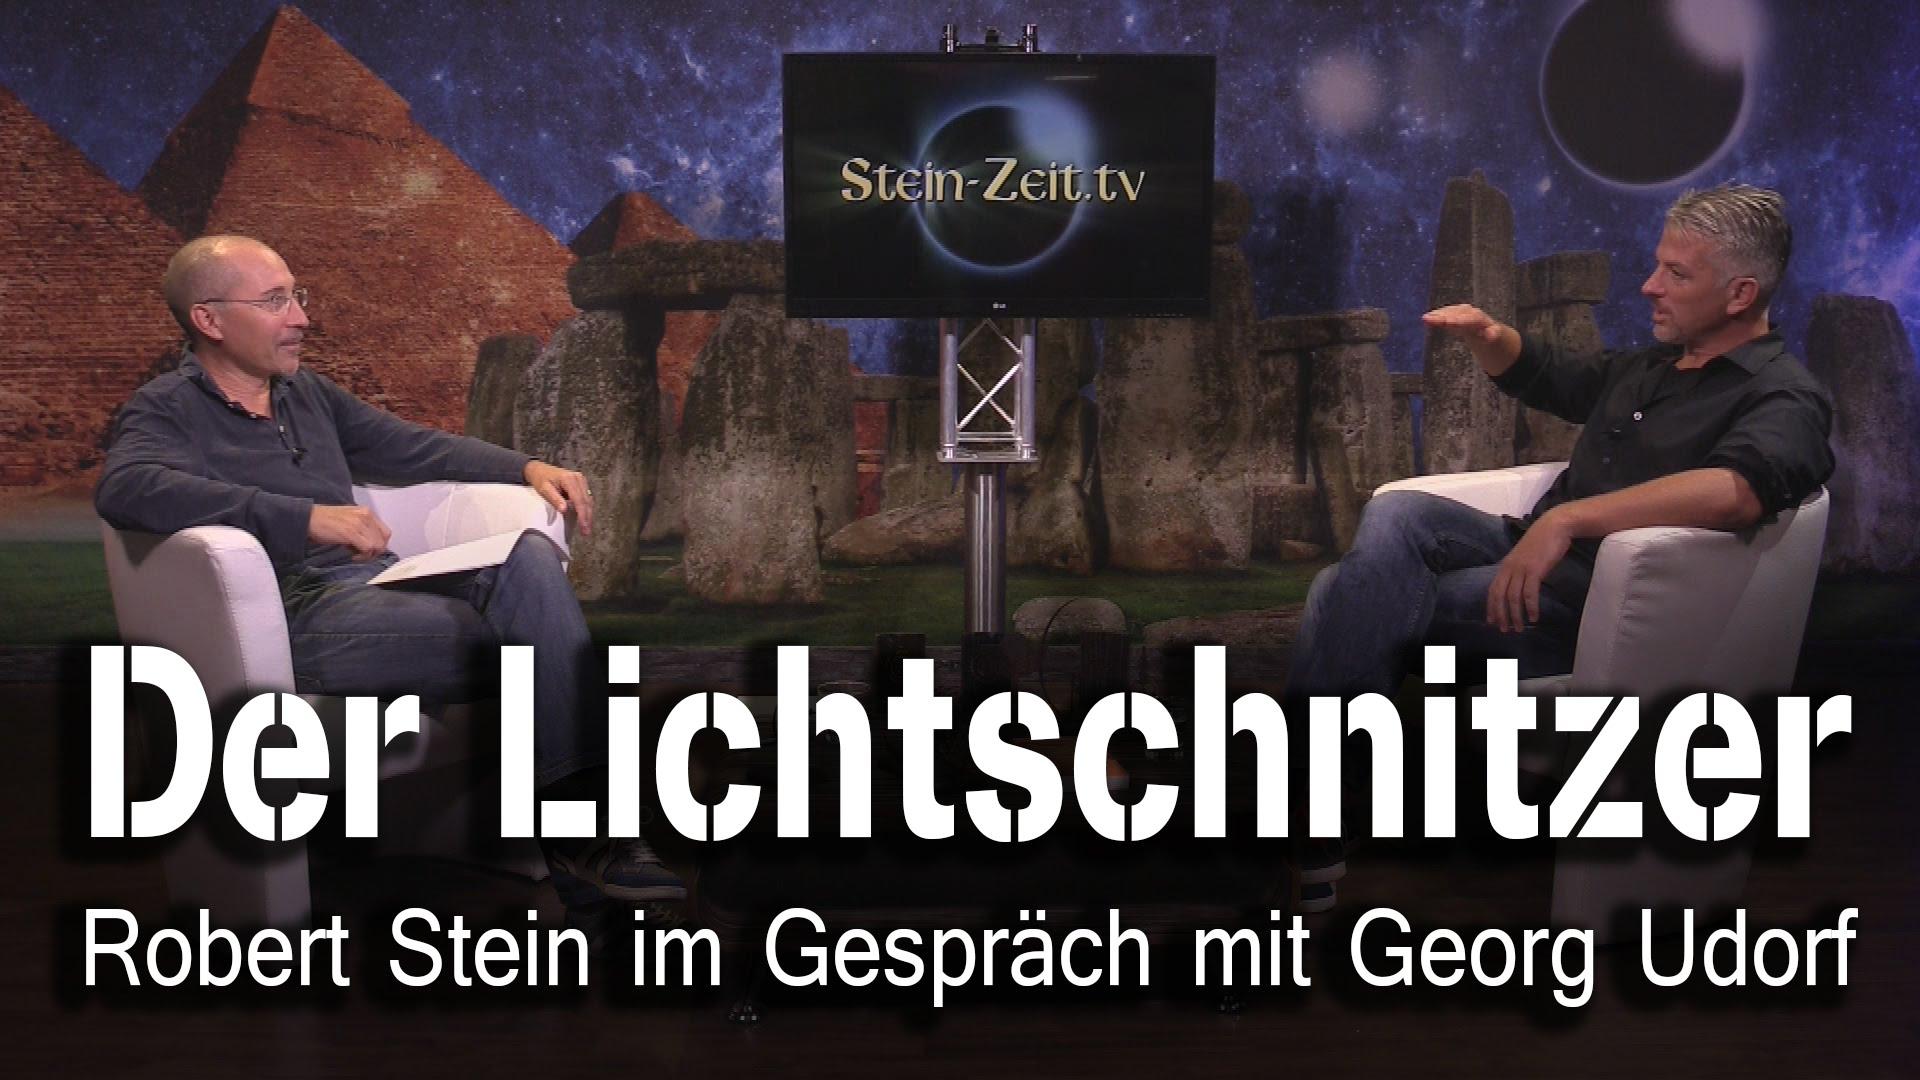 Der Lichtschnitzer – Georg Udorf bei SteinZeit